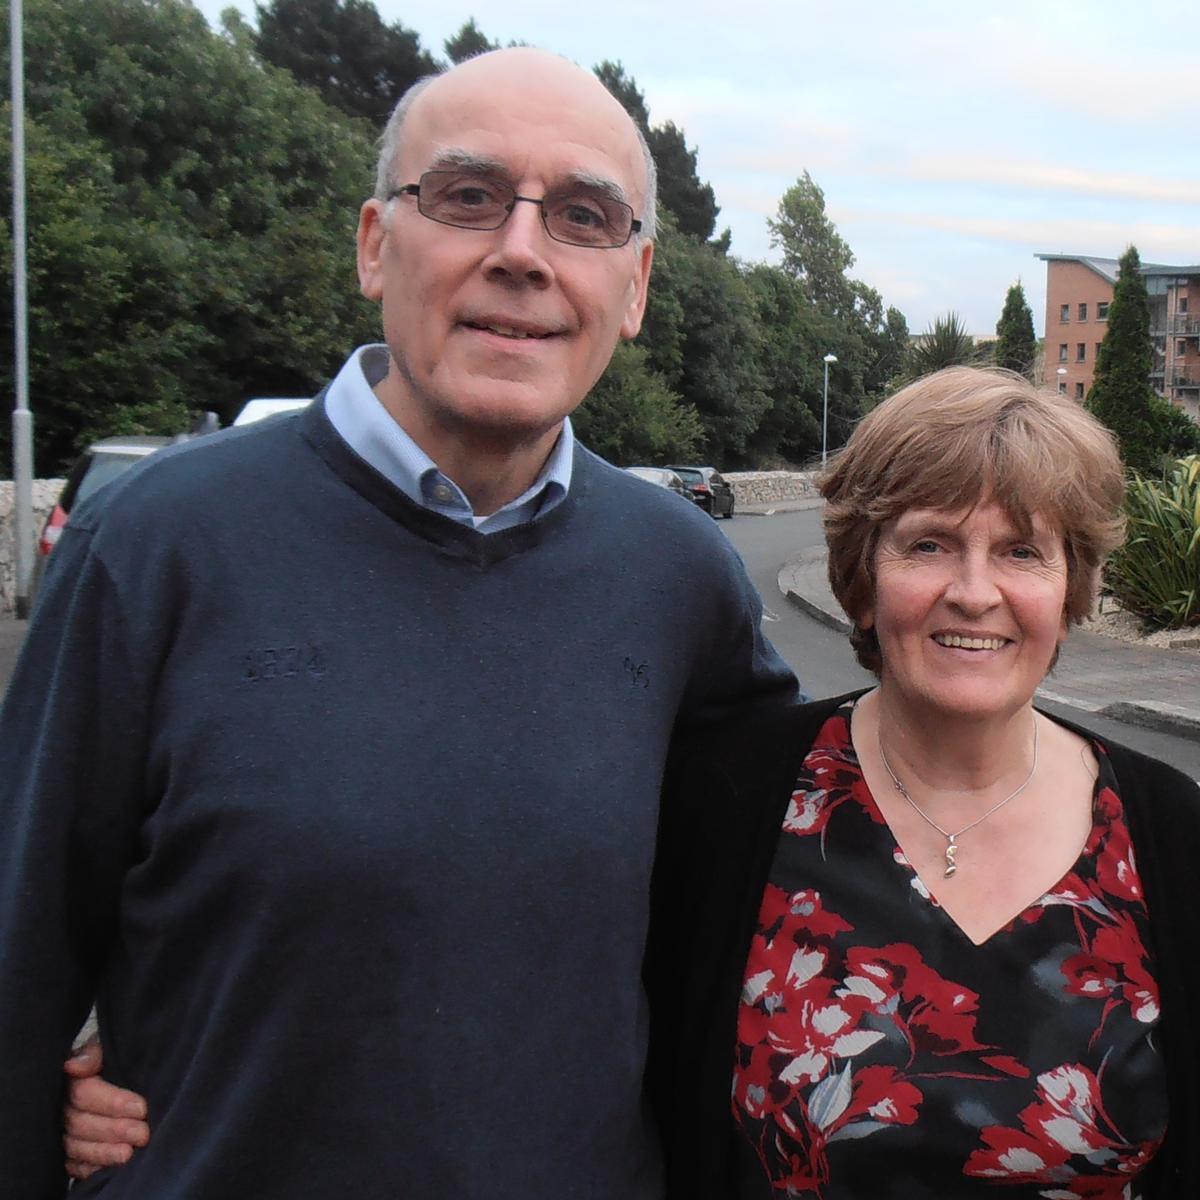 Џон Коноли и његова супруга Ајлин осећали су се надахнутима да се врате у Ирску 1979. године због говора на генералној конференцији. Сматрају да је та одлука на боље променила њихове животе и животе њихове деце.